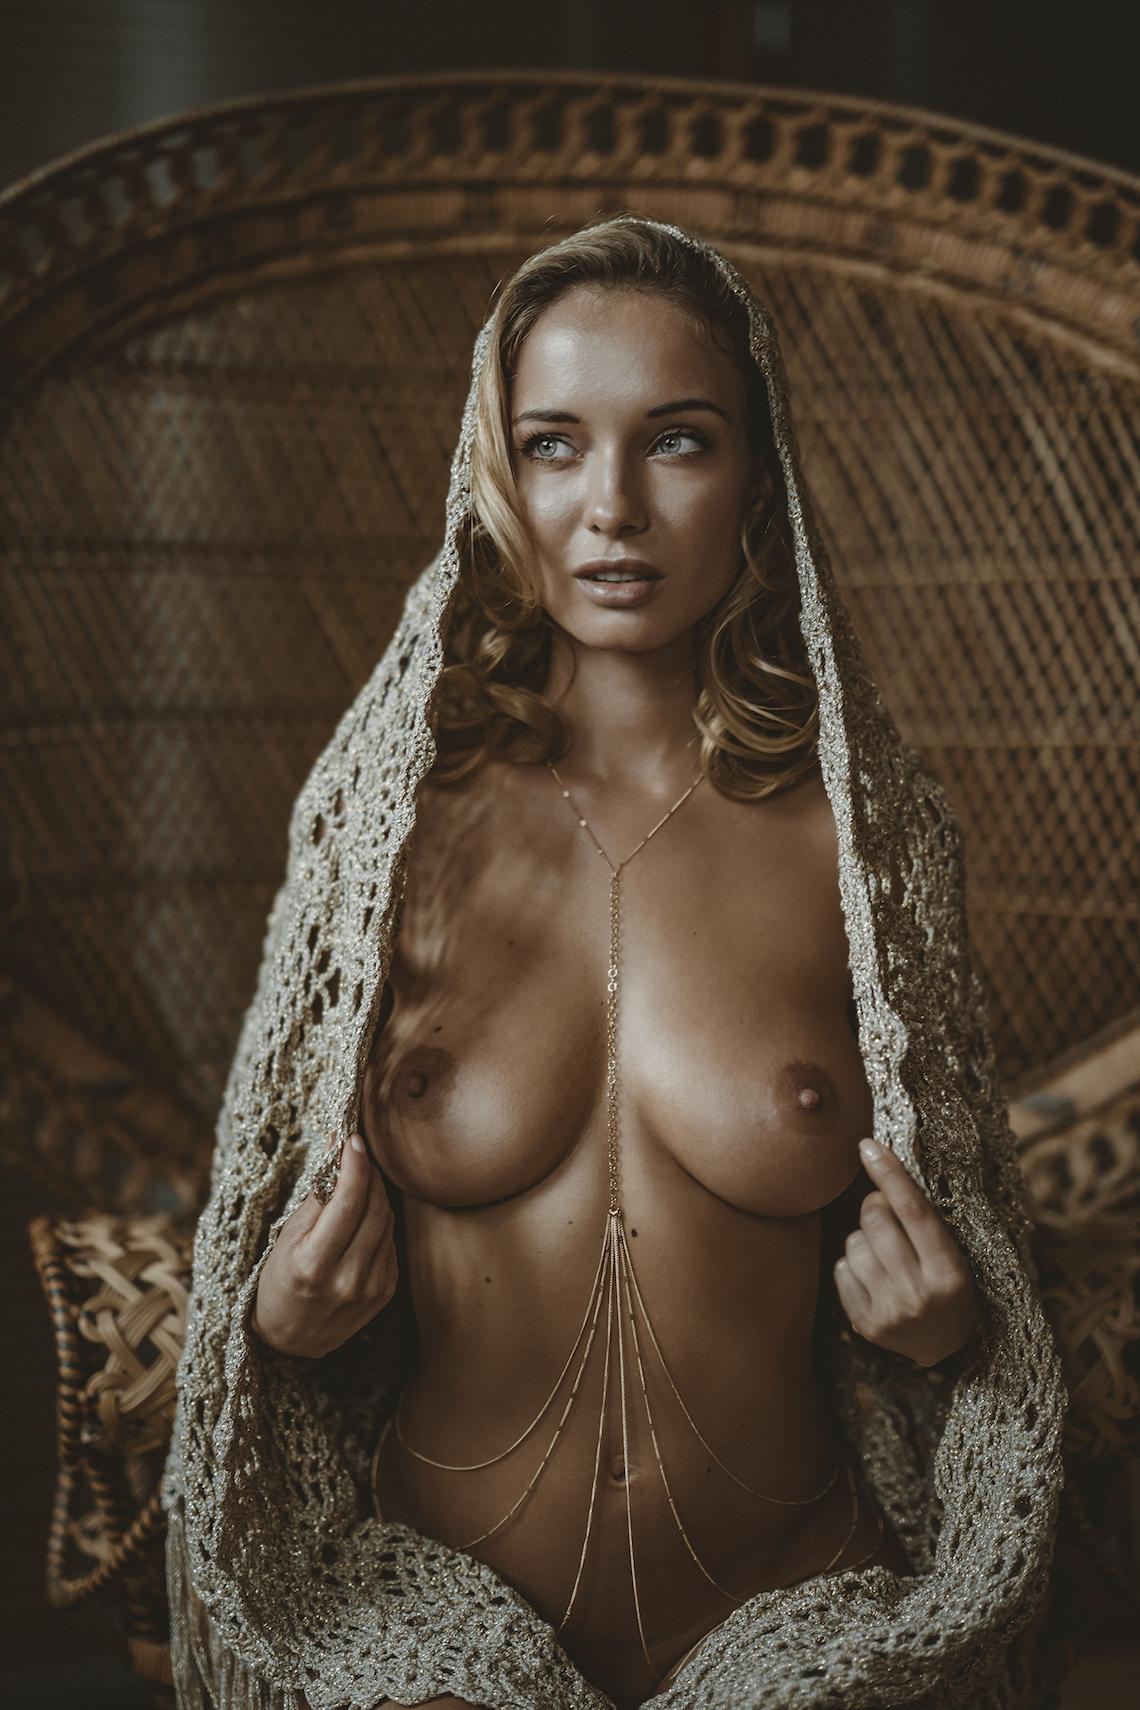 mumbai nude guy hot images with fucking girl